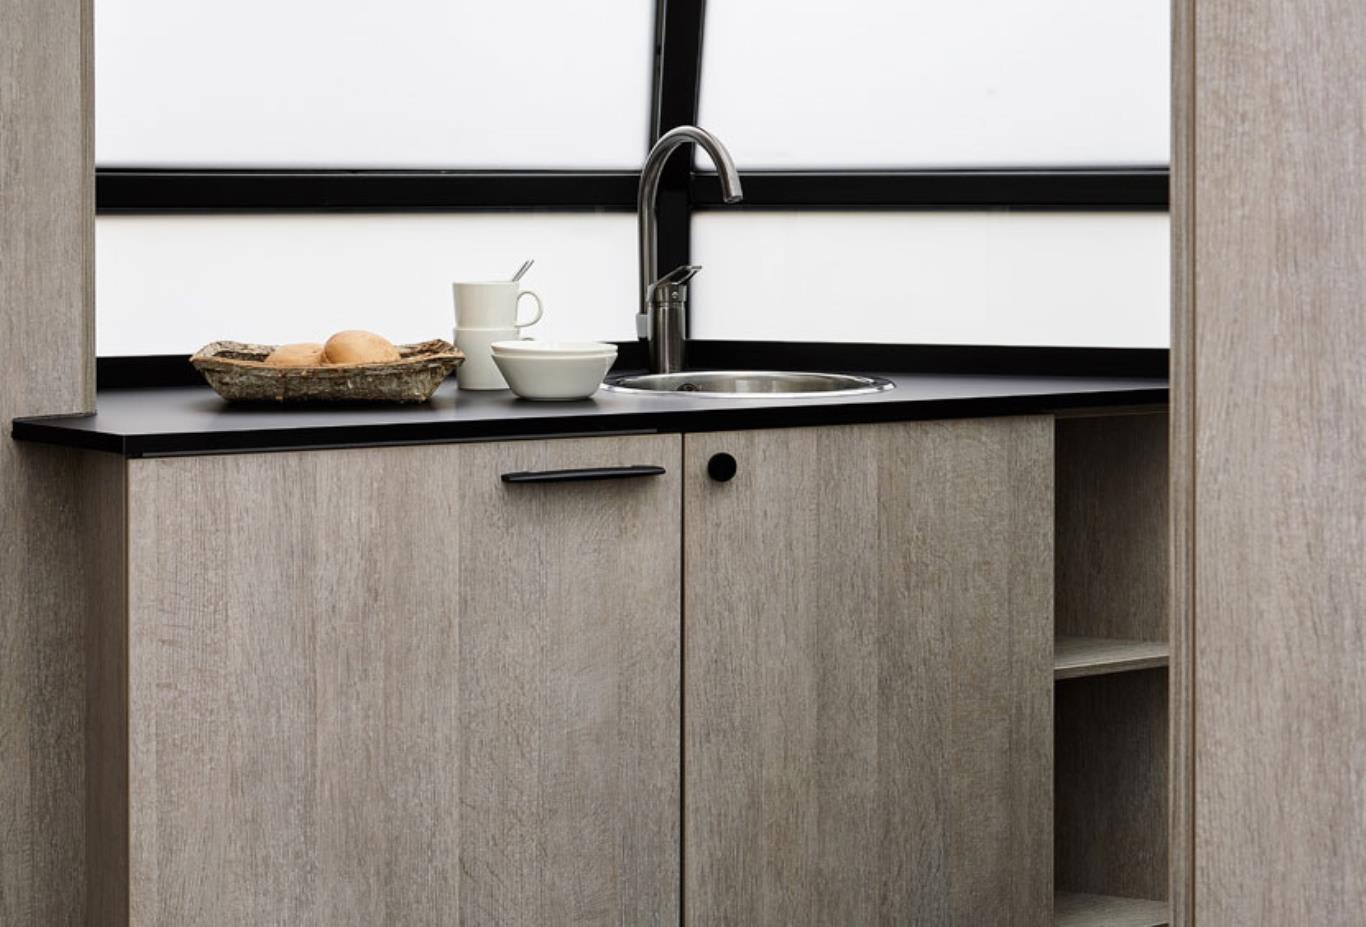 Interior-igloo-kitchen